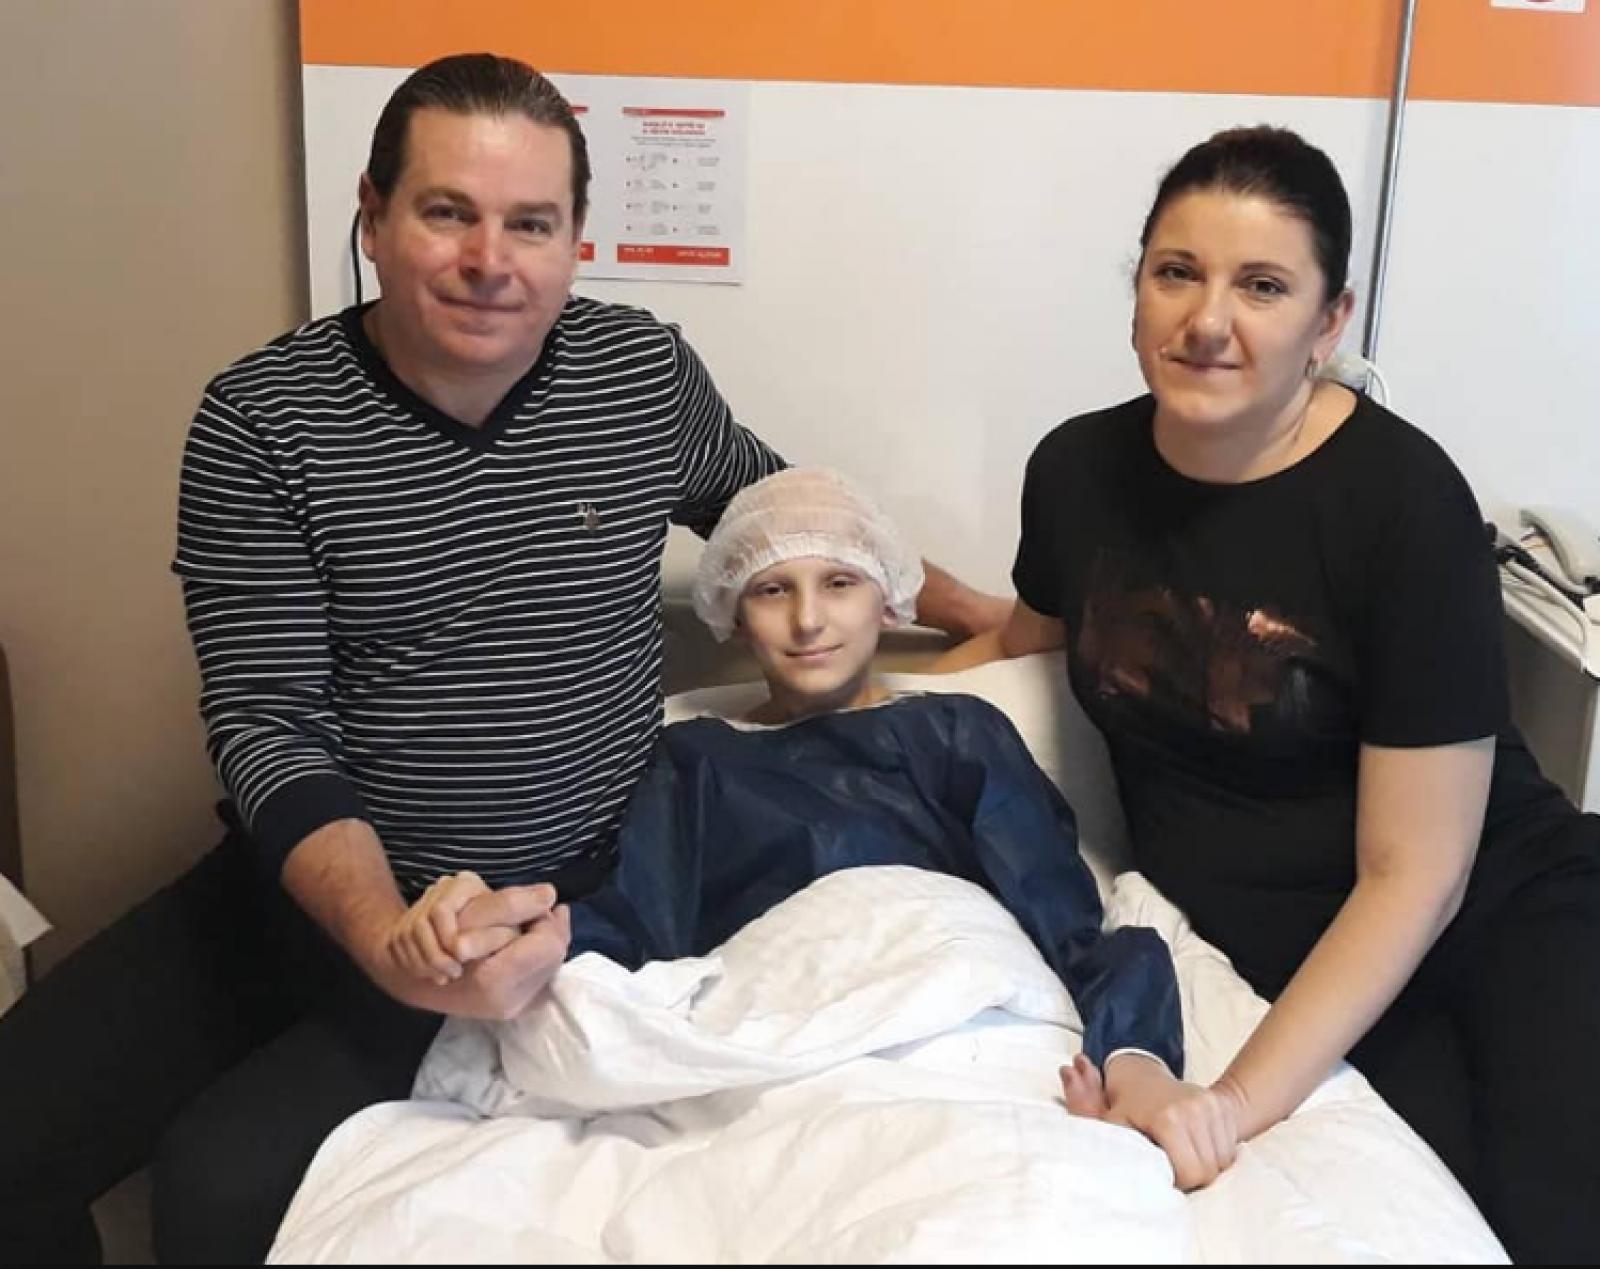 (foto) Minunea s-a întâmplat: Vasilică Gonceari a învins tumoarea. Băiatul a fost operat cu succes la o clinică din Turcia